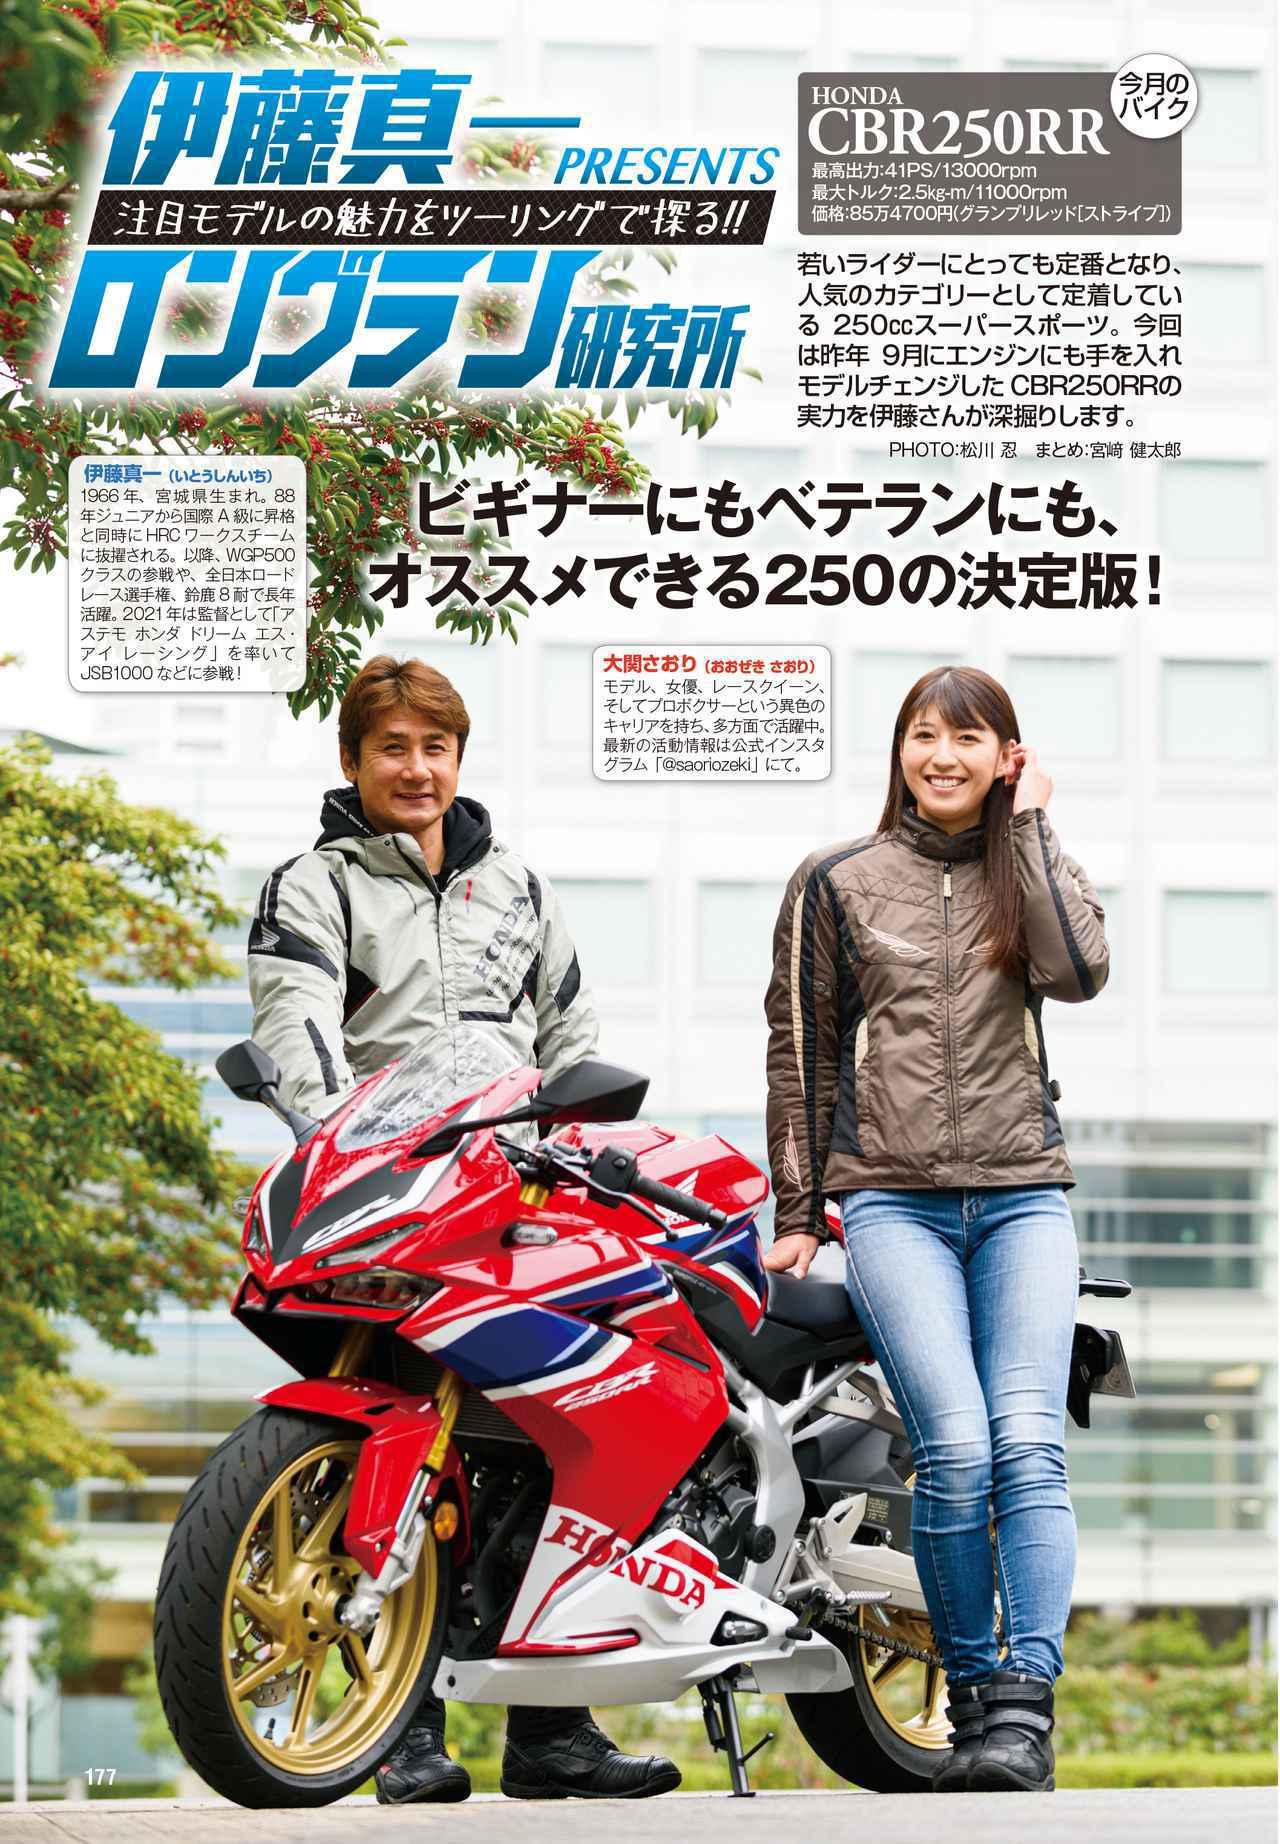 画像4: 最新モデルとその系譜を徹底解説! 月刊『オートバイ』2021年3月号は「21世紀の国産バイク大全」も収録した特大号